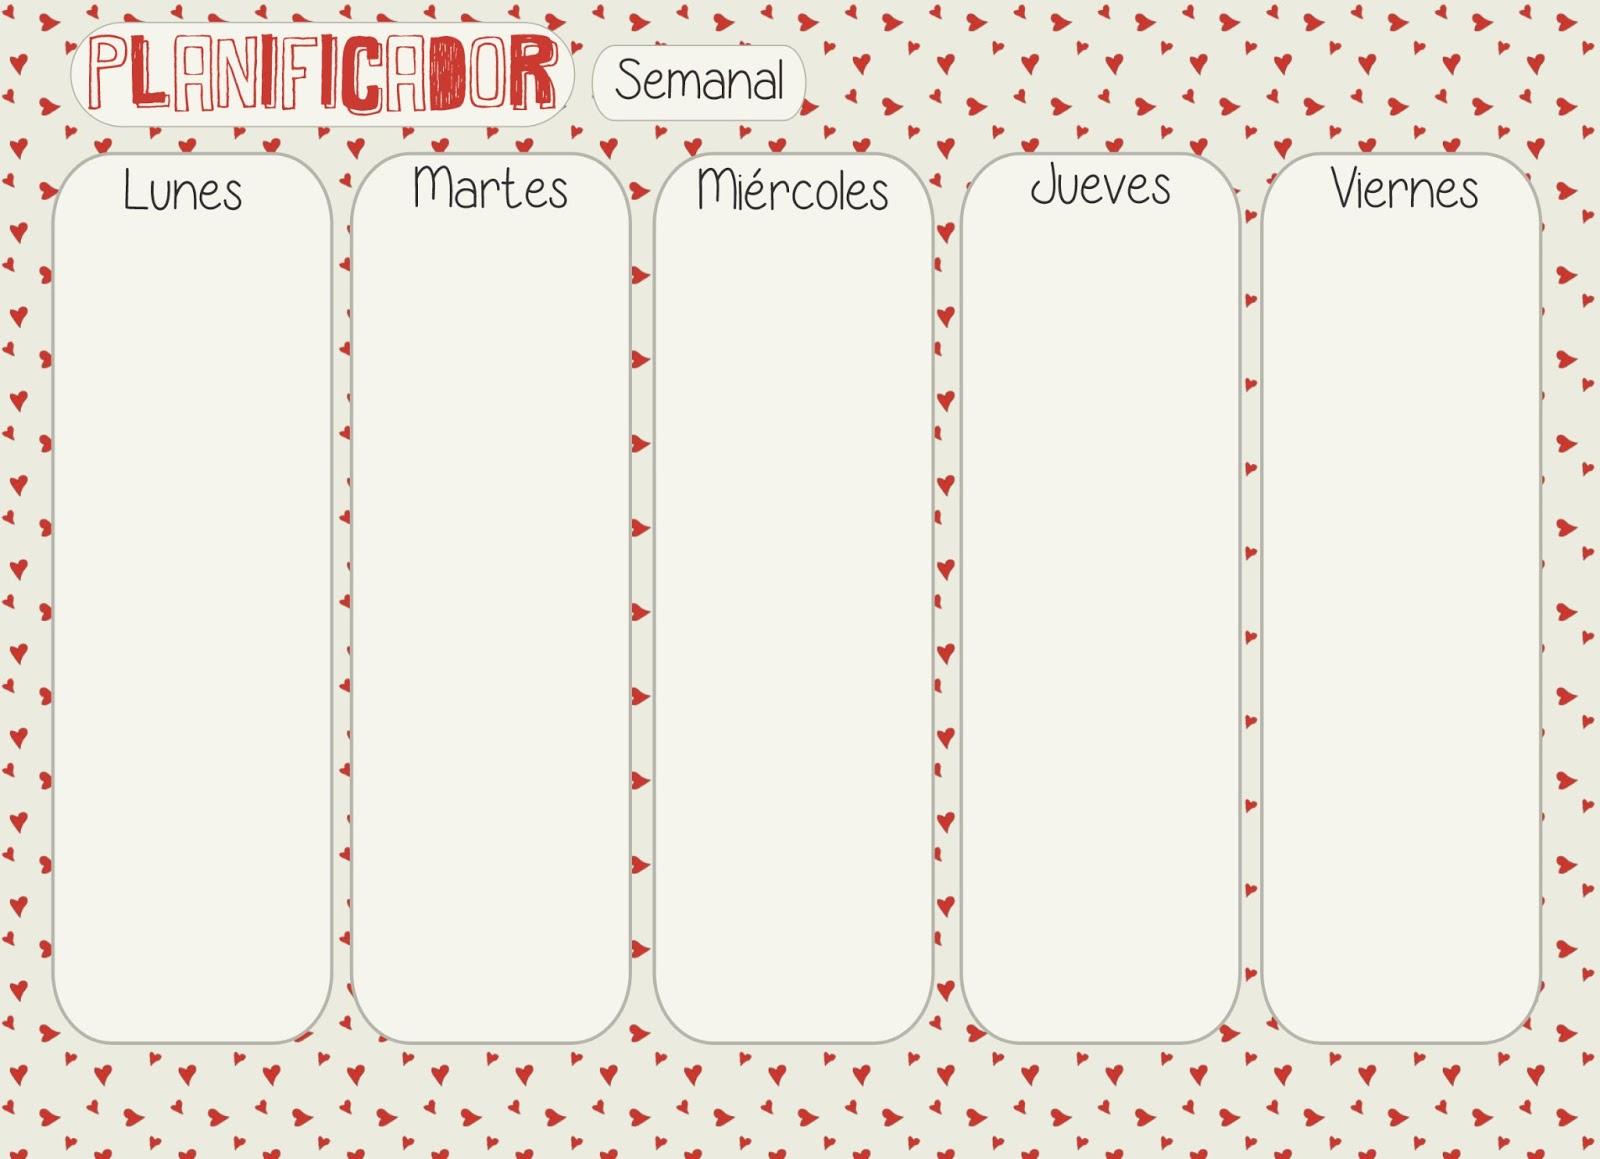 Calendario 2016 Y Planeador Semanal Para Imprimir | apexwallpapers.com